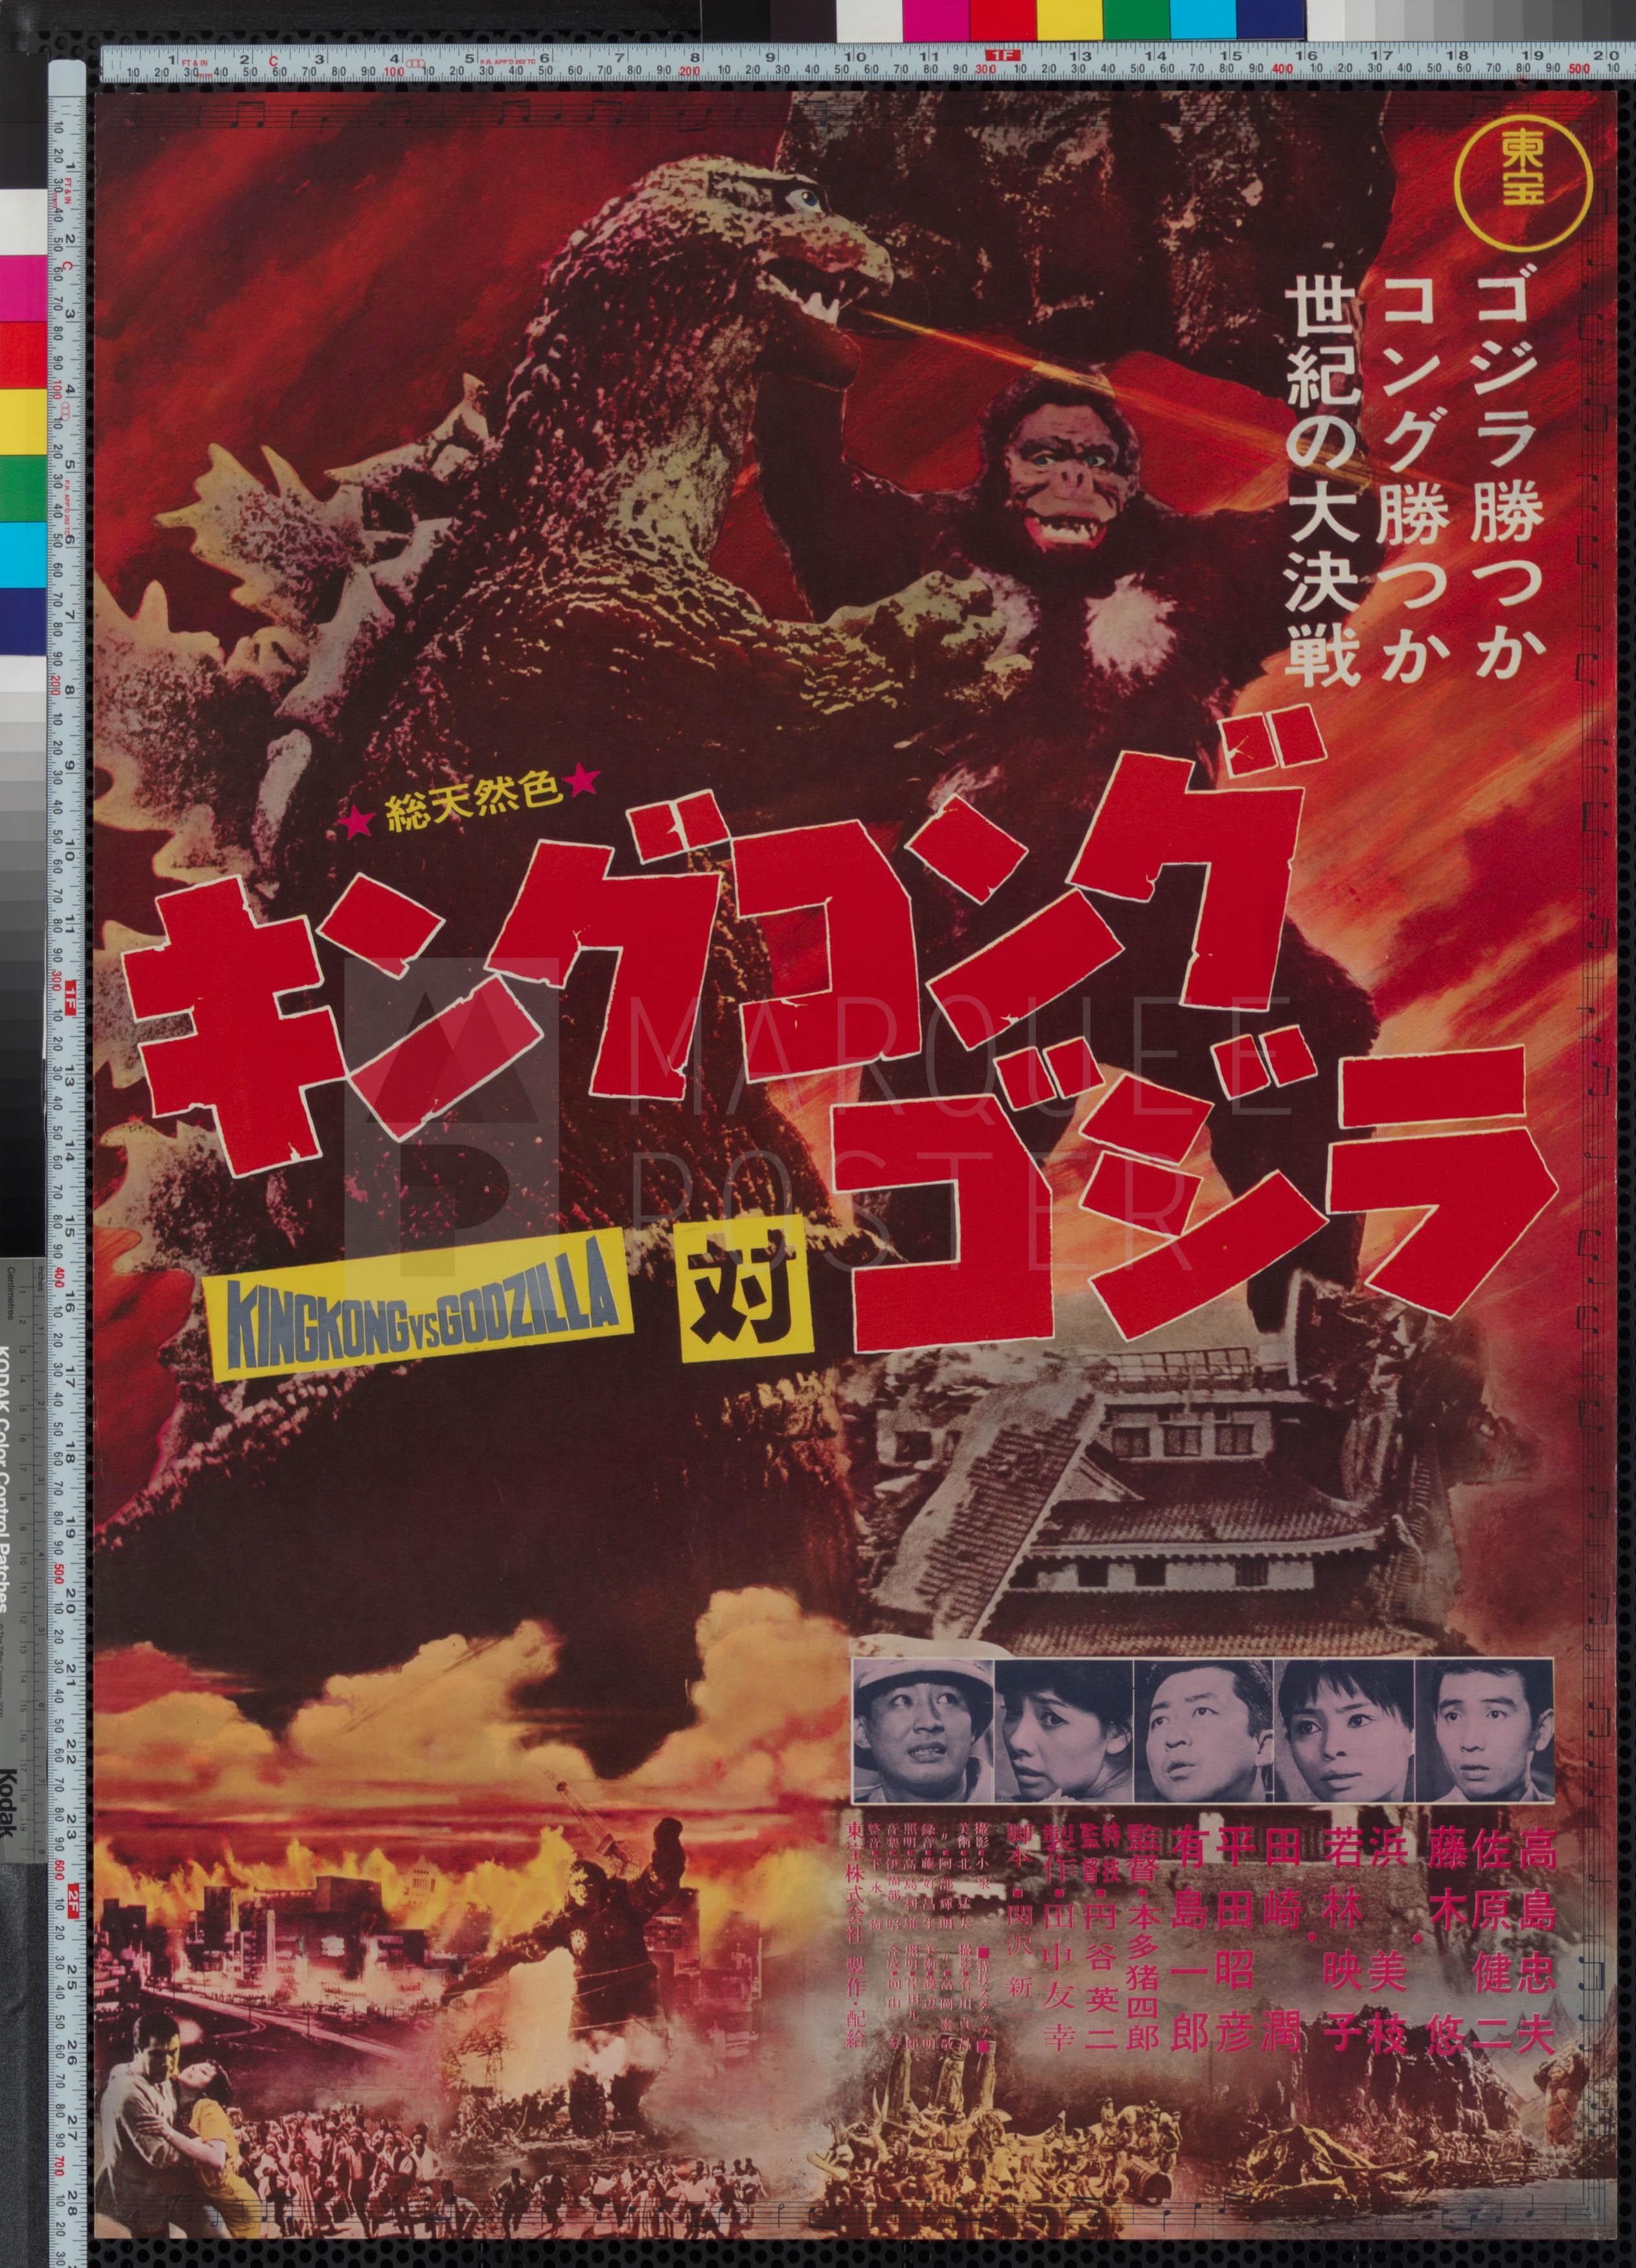 21-king-kong-vs-godzilla-re-release-japanese-b2-1964-02